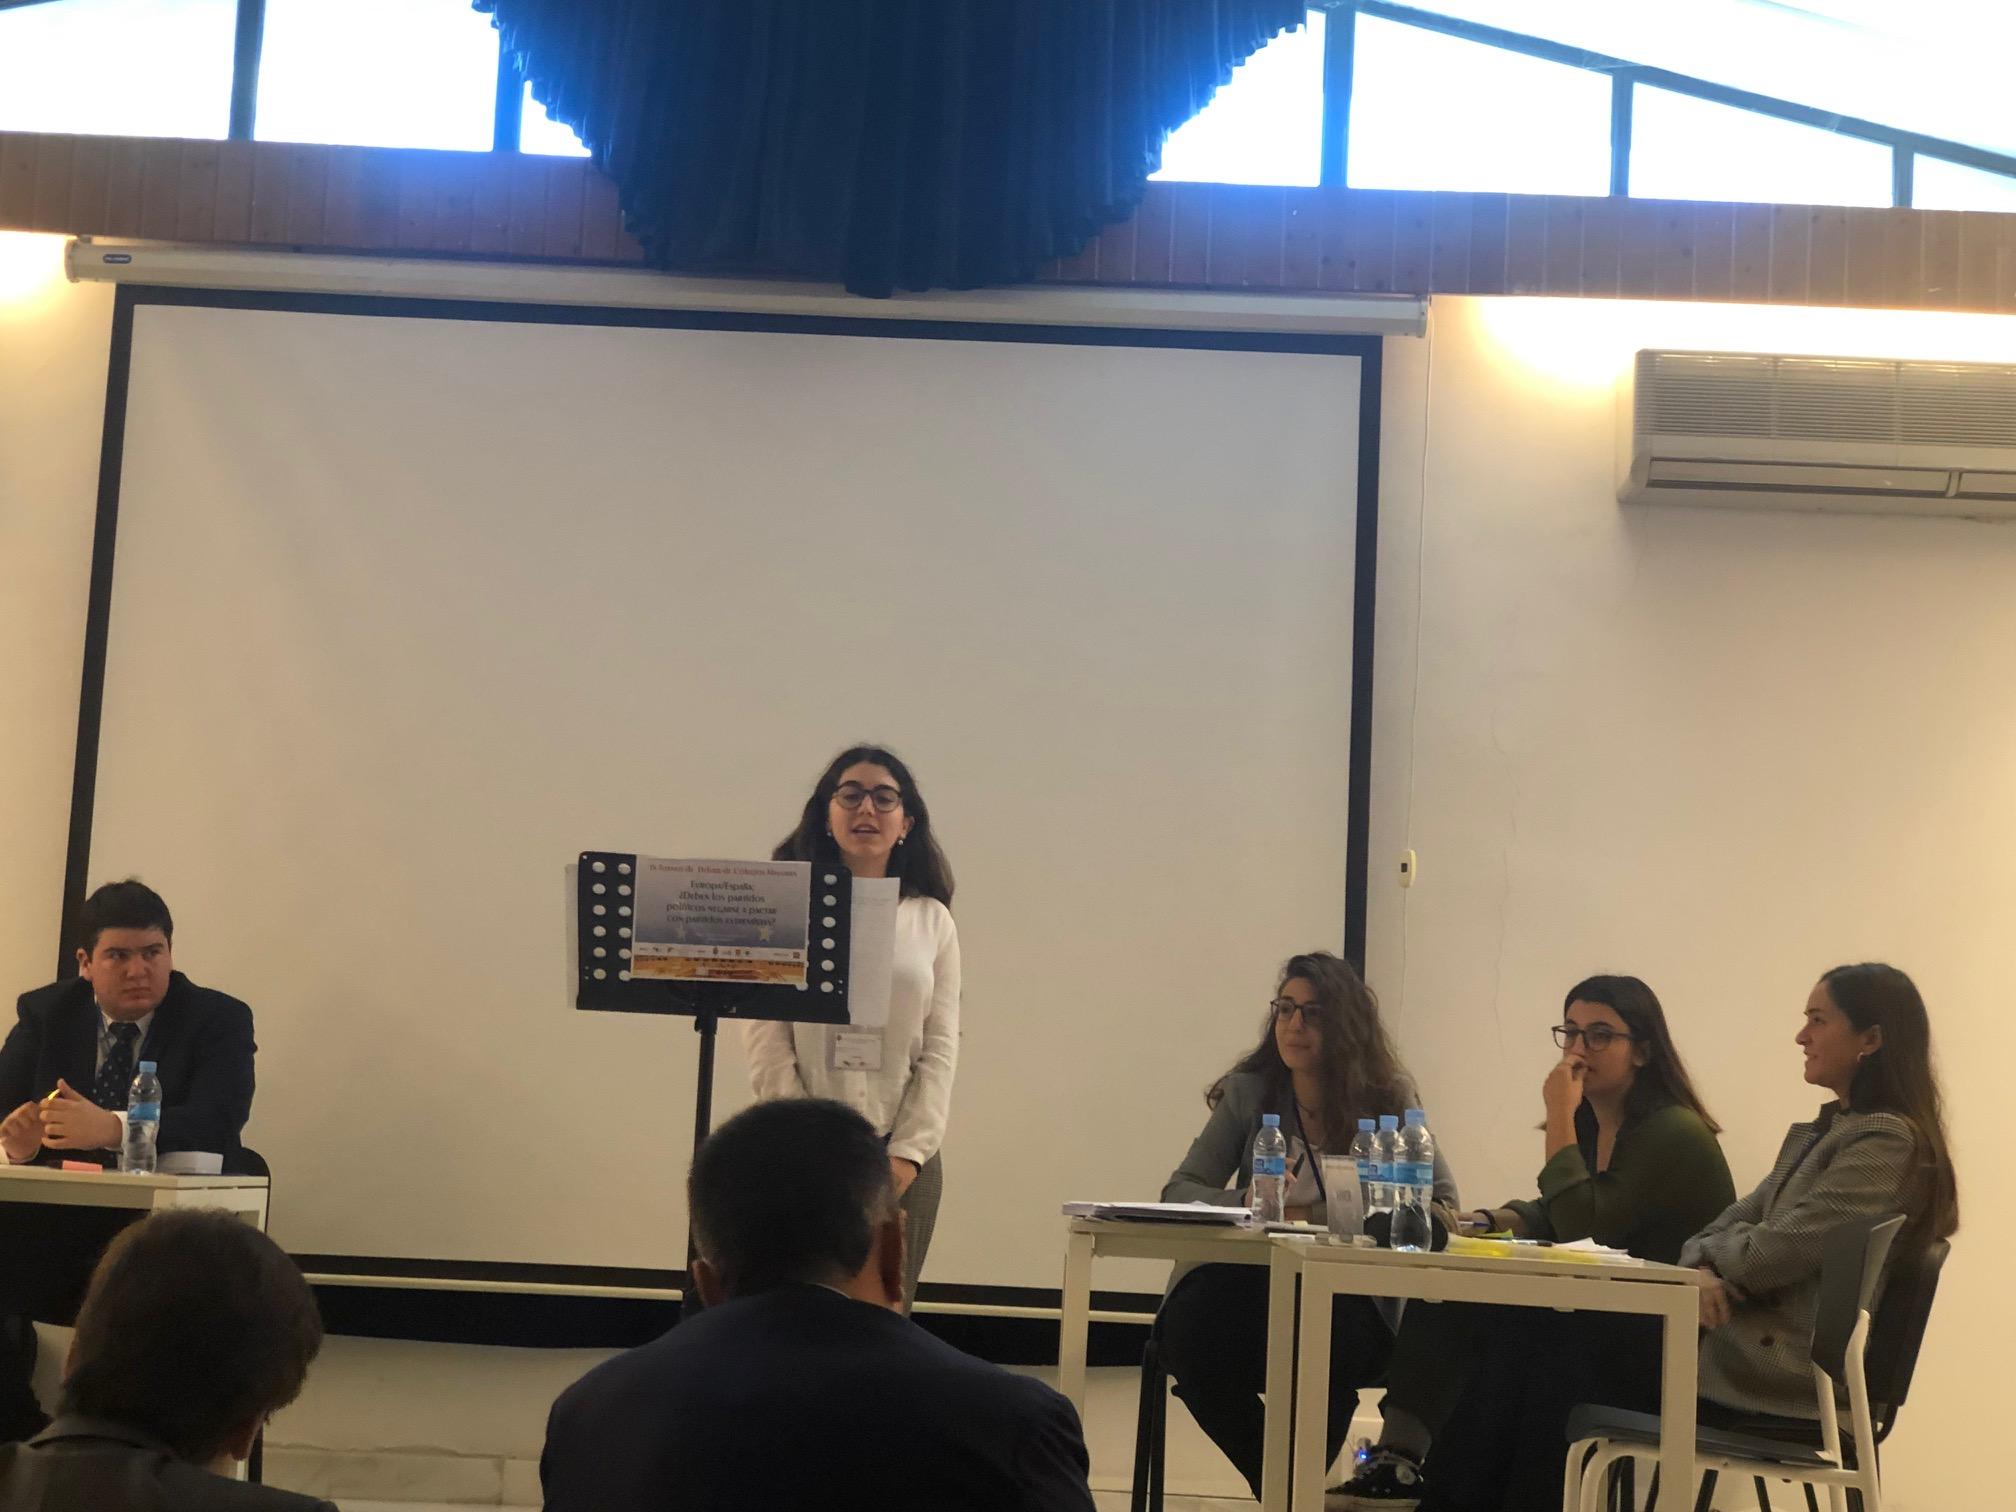 Torneo de Debate de Colegios Mayores - Torneo de Debate 2019 - Debate Colegios Mayores - CMU Mara - Colegio Mayor en Madrid